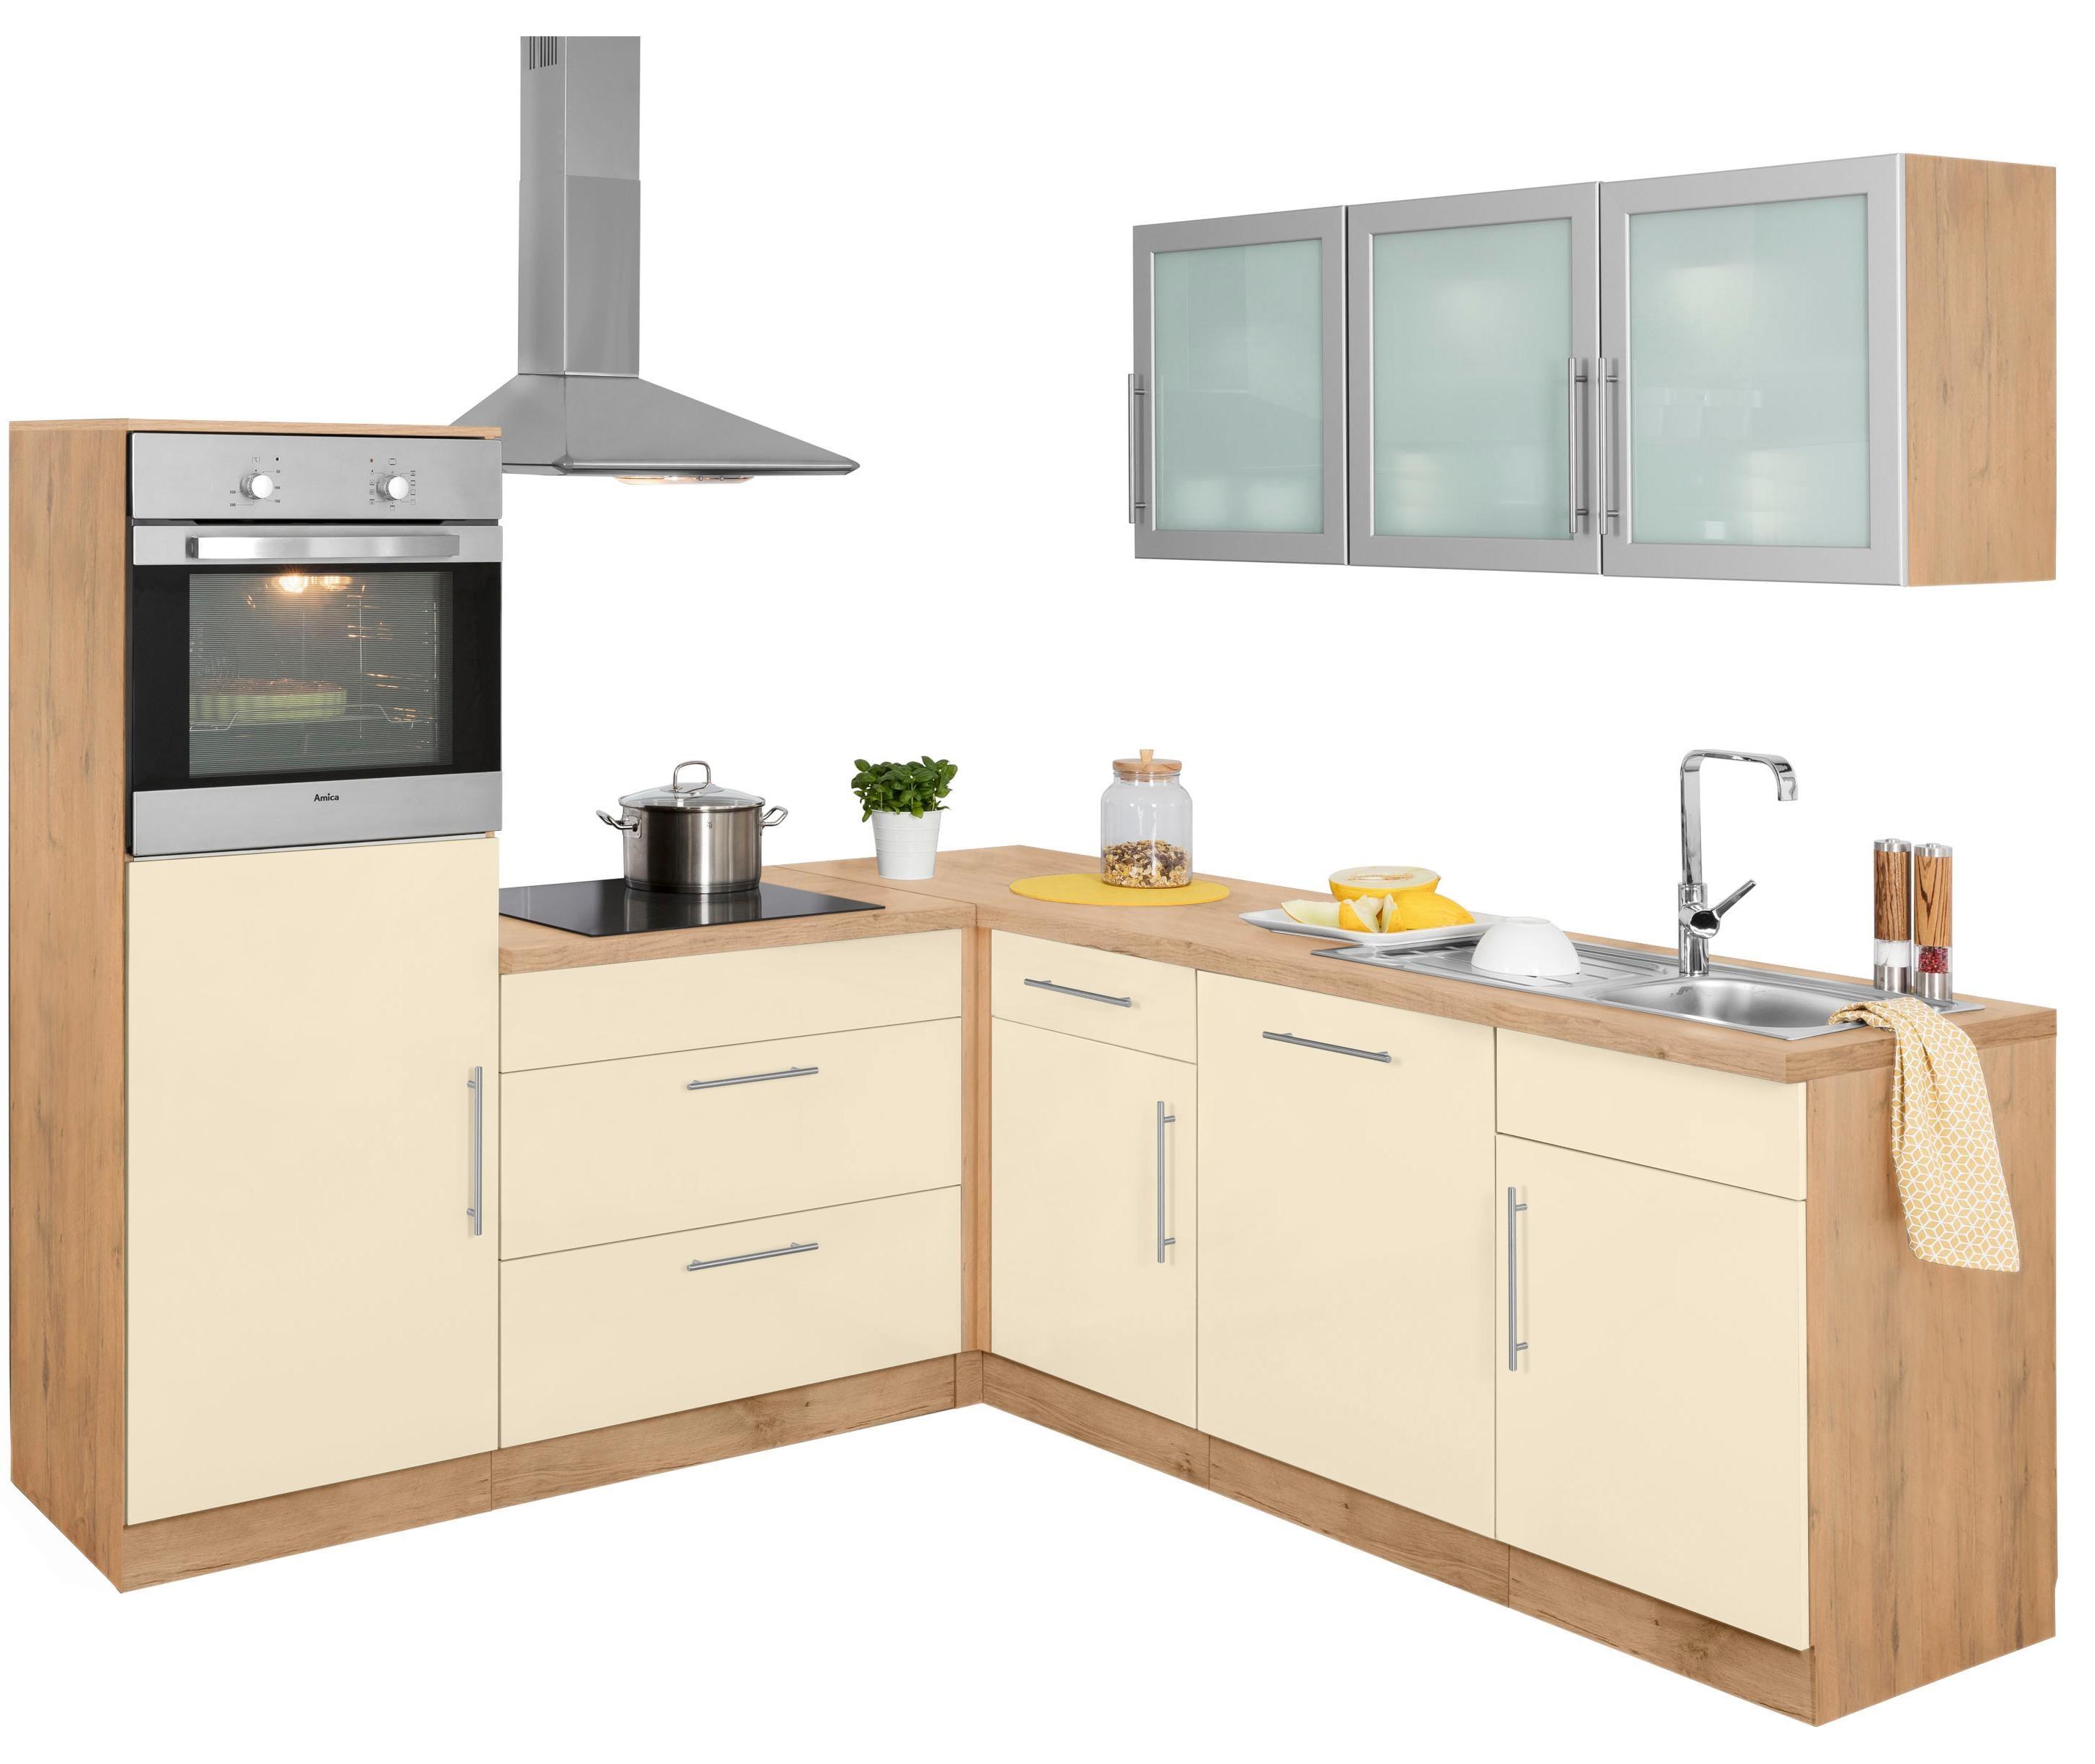 WIHO Küchen Winkelküche »Aachen« mit E-Geräten, Stellbreite 210 x 220 cm | Küche und Esszimmer > Küchen > Winkelküchen | Gelb | Edelstahl | WIHO KÜCHEN